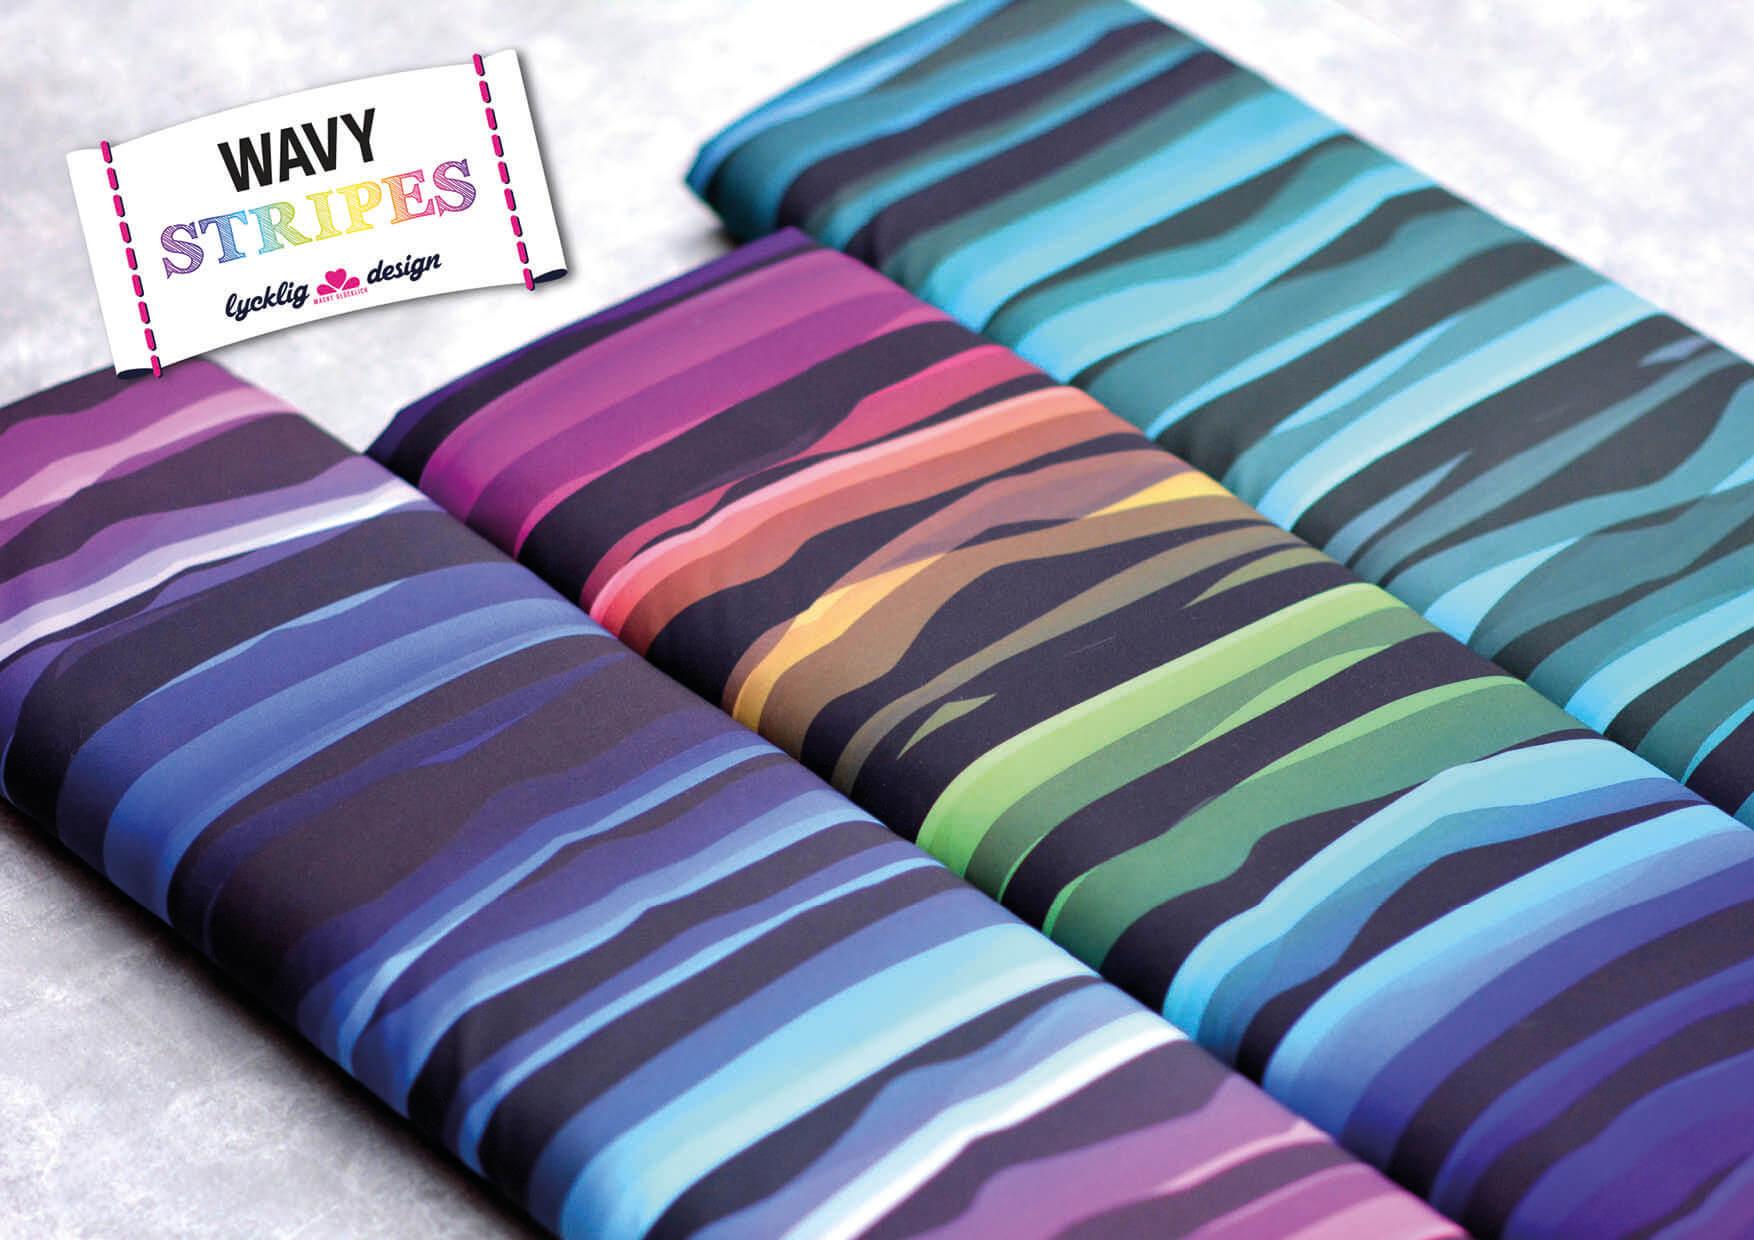 Wavy Stripes Softshell